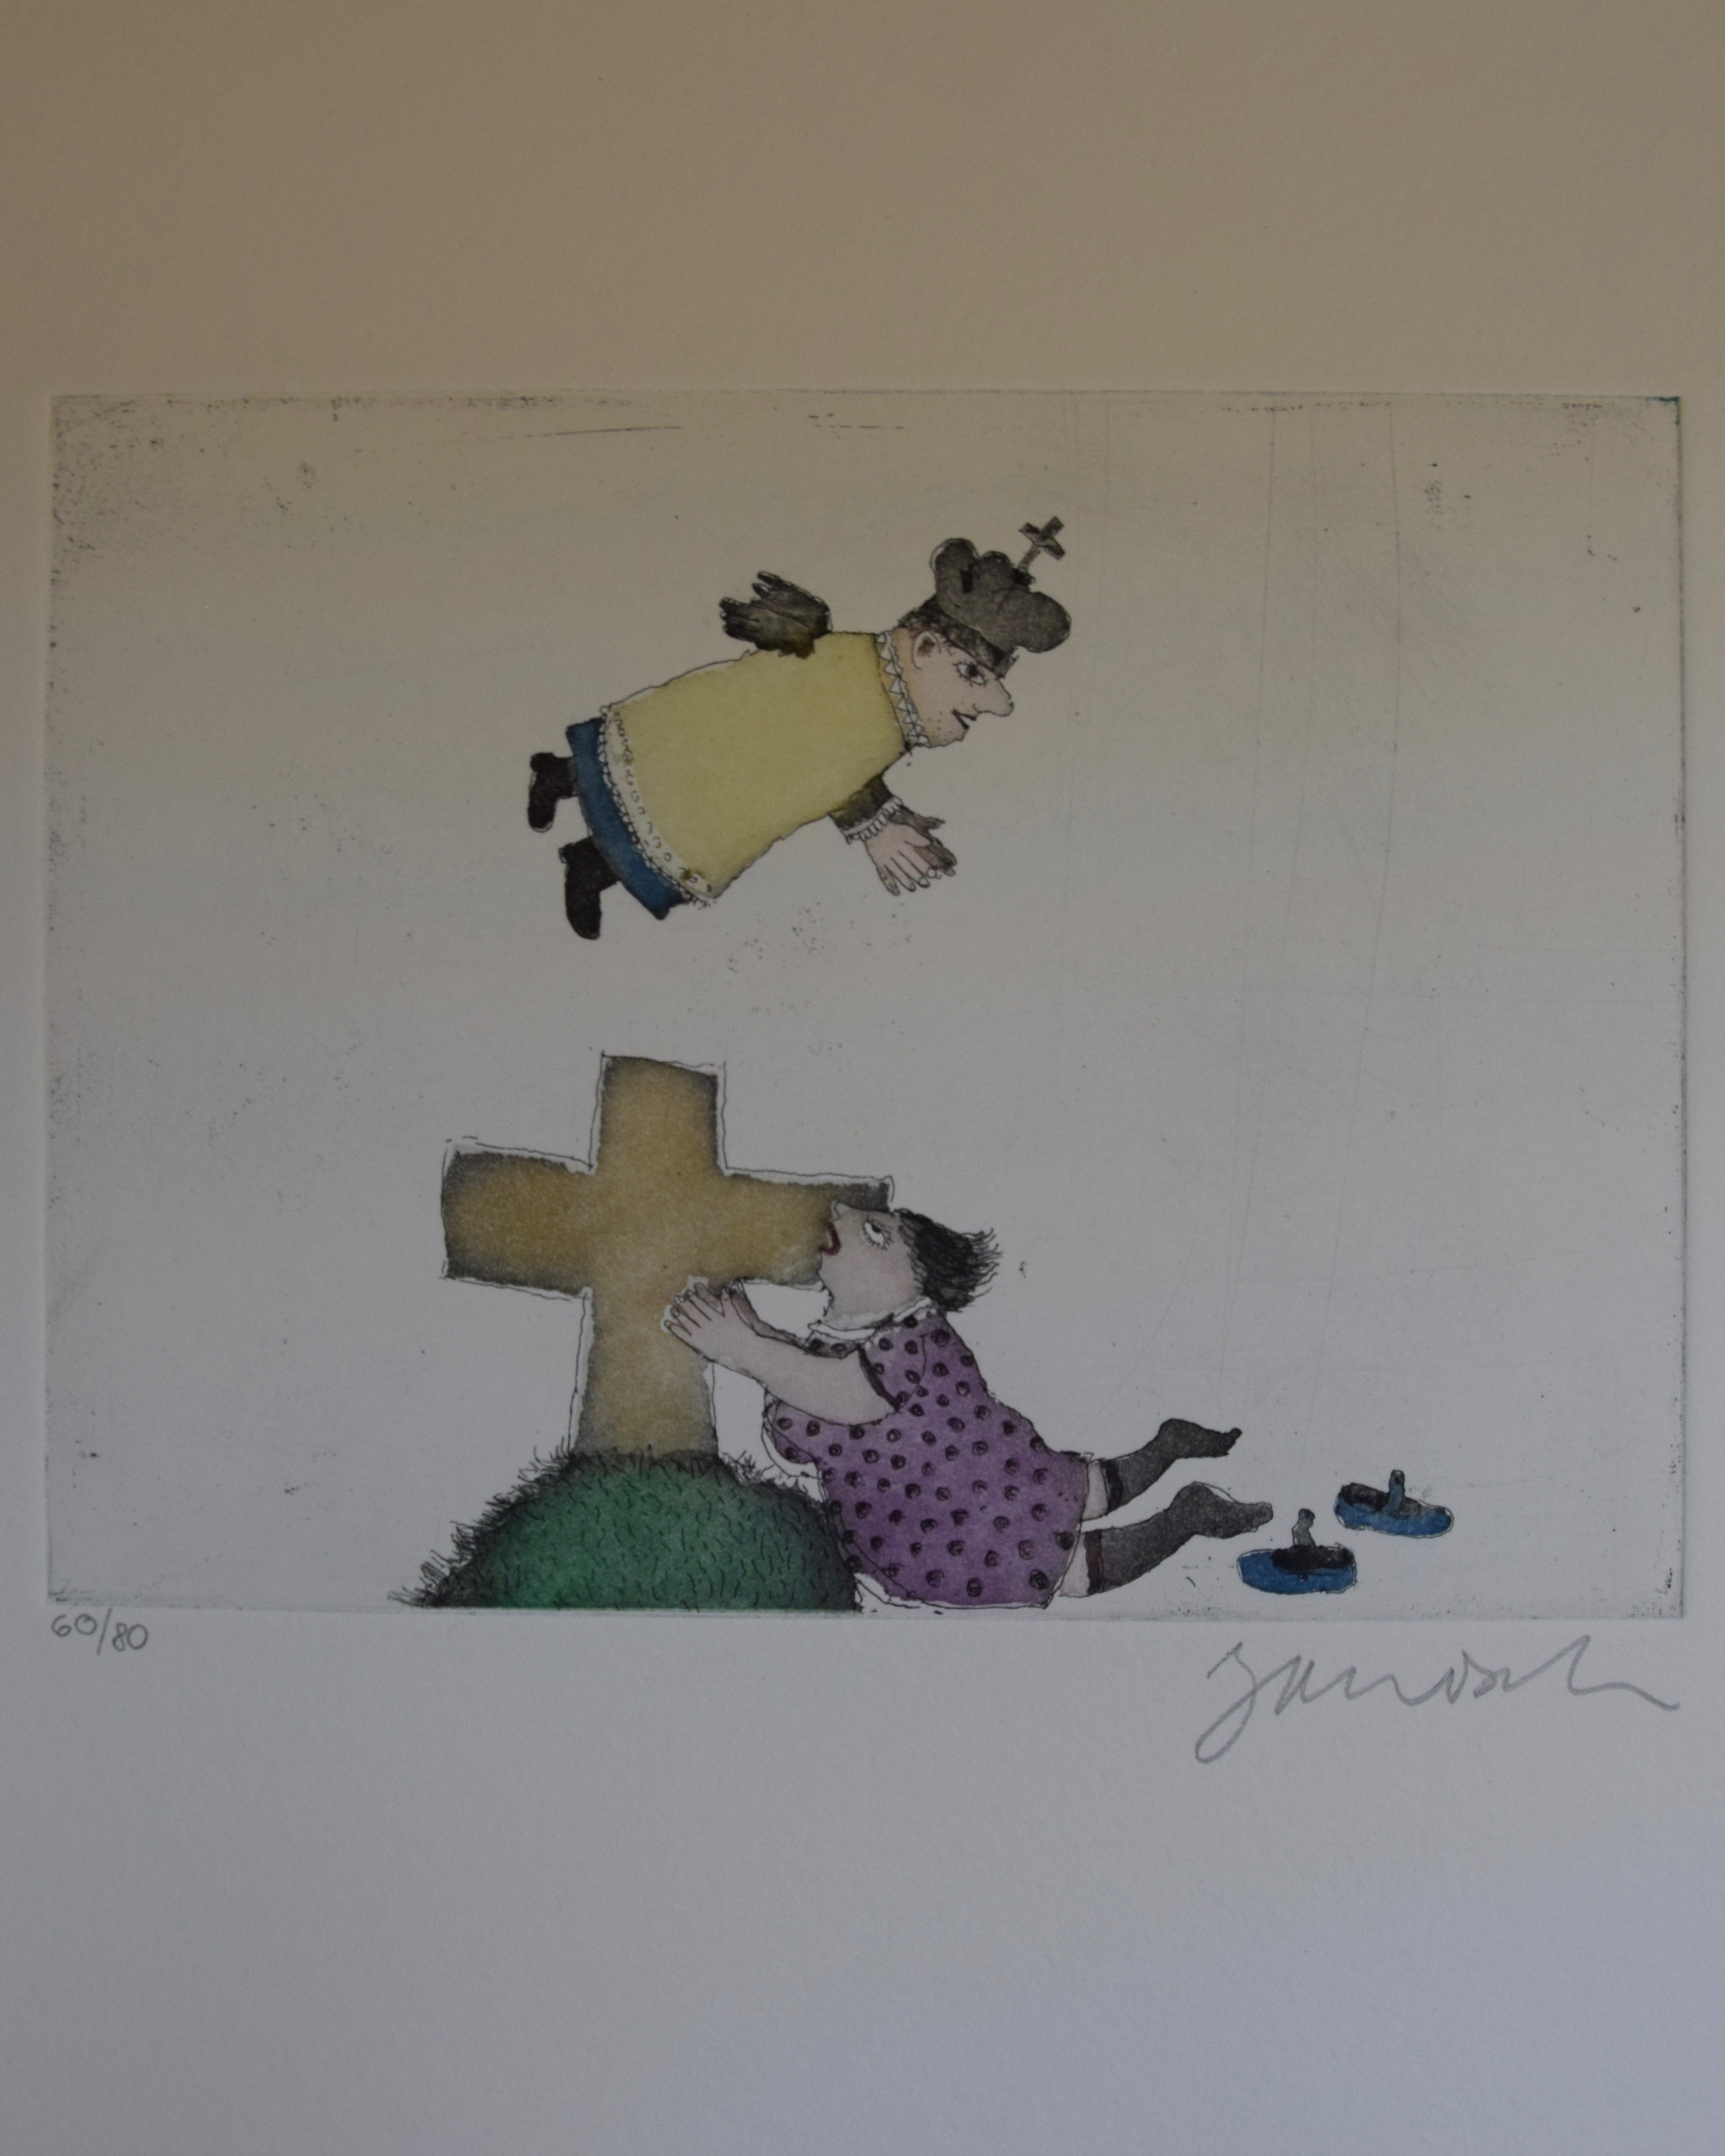 """Dies ist das vierte Motiv aus dem Mappenwerk """"Cholonek oder der liebe Gott aus Lehm"""" von Janosch."""